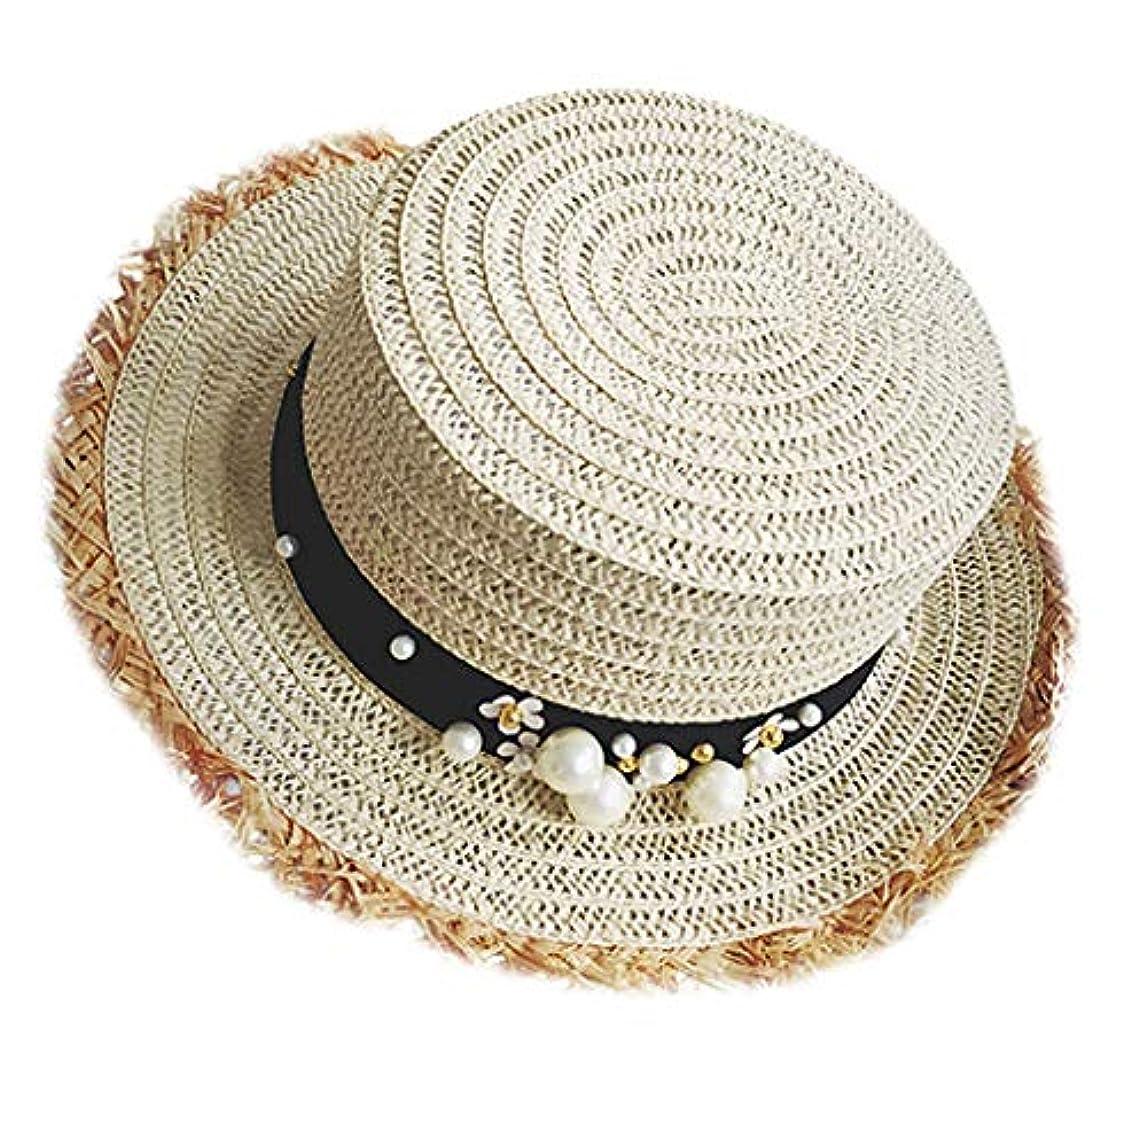 キルトサイレント引き受ける帽子 レディース UVカット 帽子 麦わら帽子 UV帽子 紫外線対策 通気性 漁師の帽子 ニット帽 マニュアル 真珠 太陽 キャップ 余暇 休暇 キャップ レディース ハンチング帽 大きいサイズ 発送 ROSE ROMAN